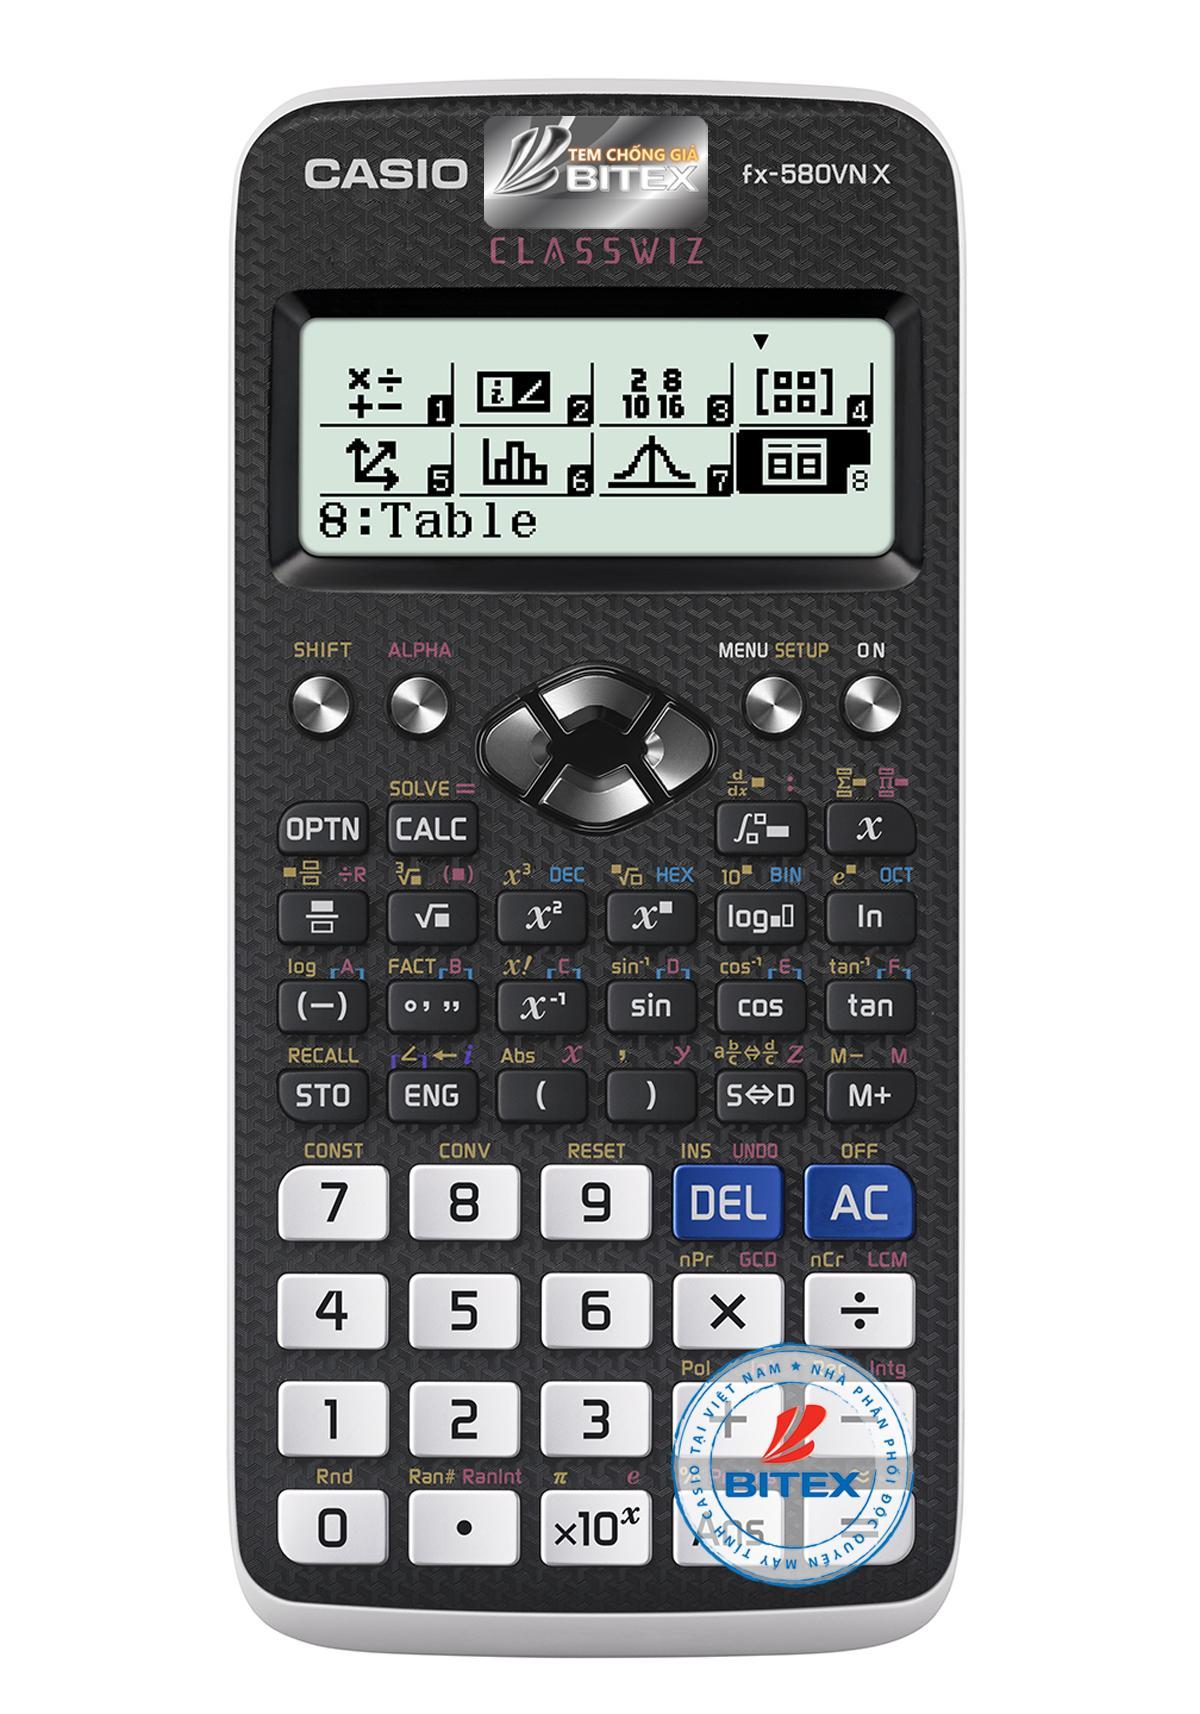 Mua Máy tính casio FX 580VNX tặng kèm túi B.Bag